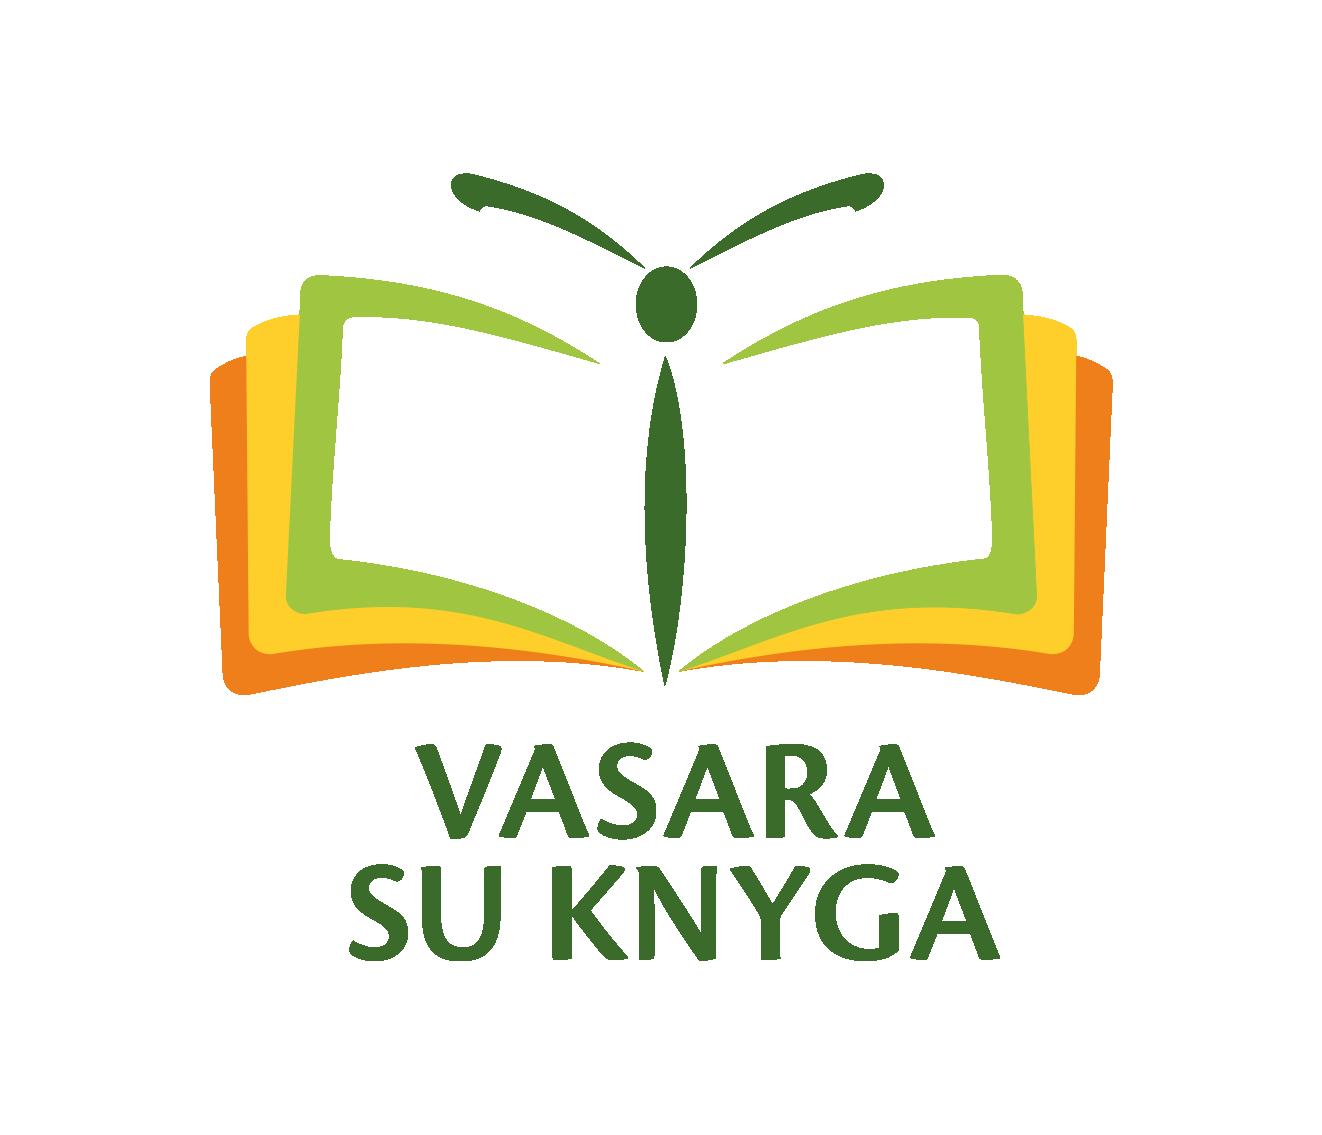 VASARA SU KNYGA